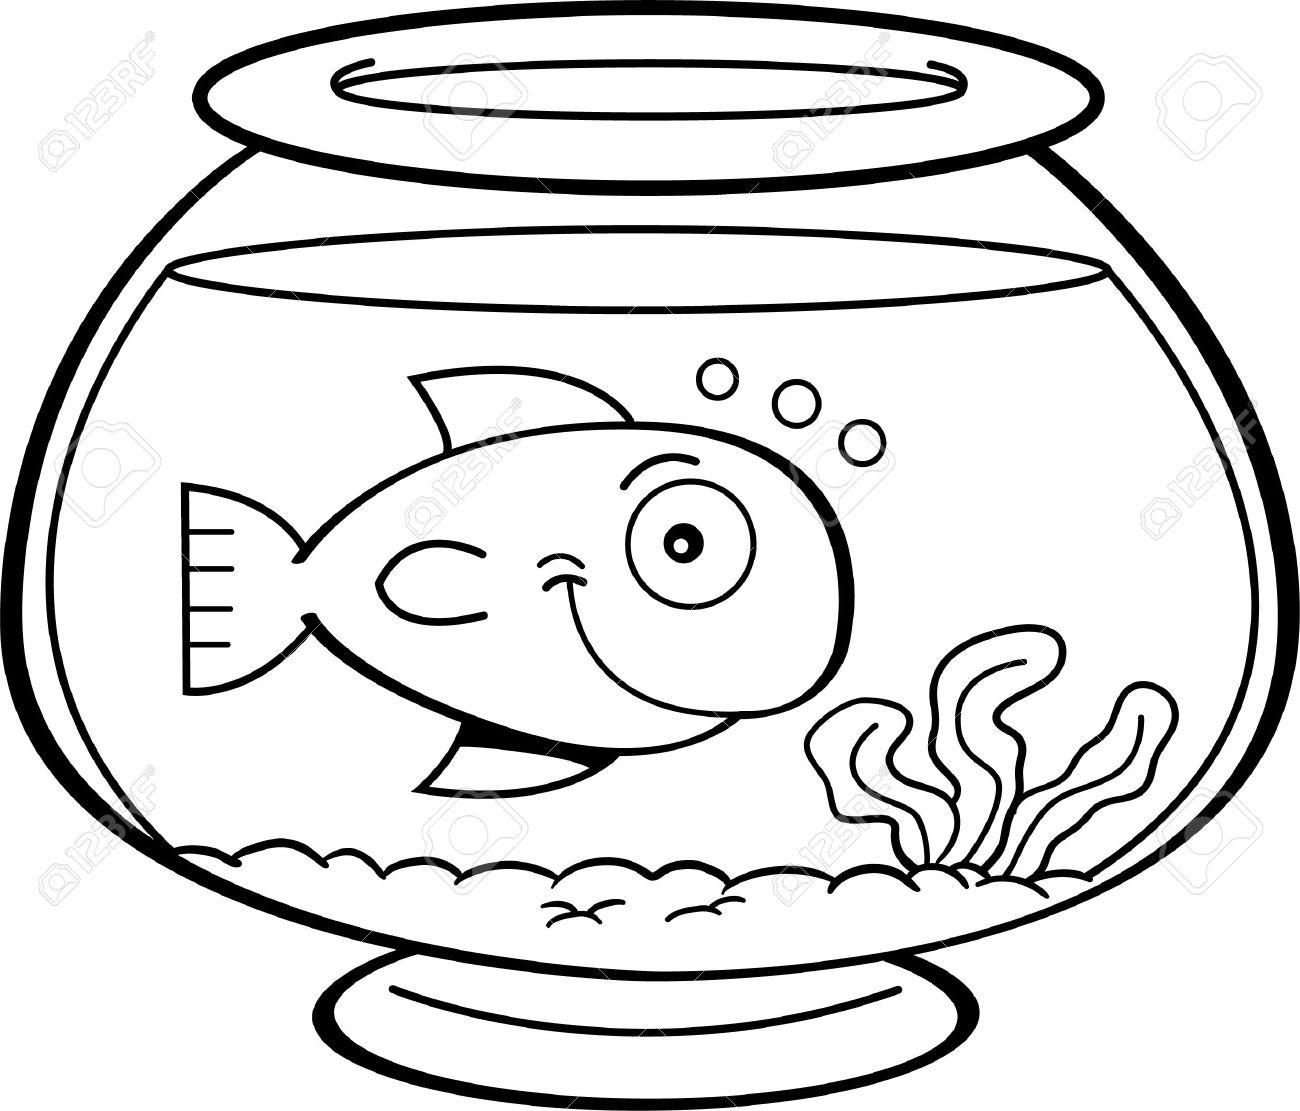 1300x1111 Fish Bowl Clipart Bowl Drawing